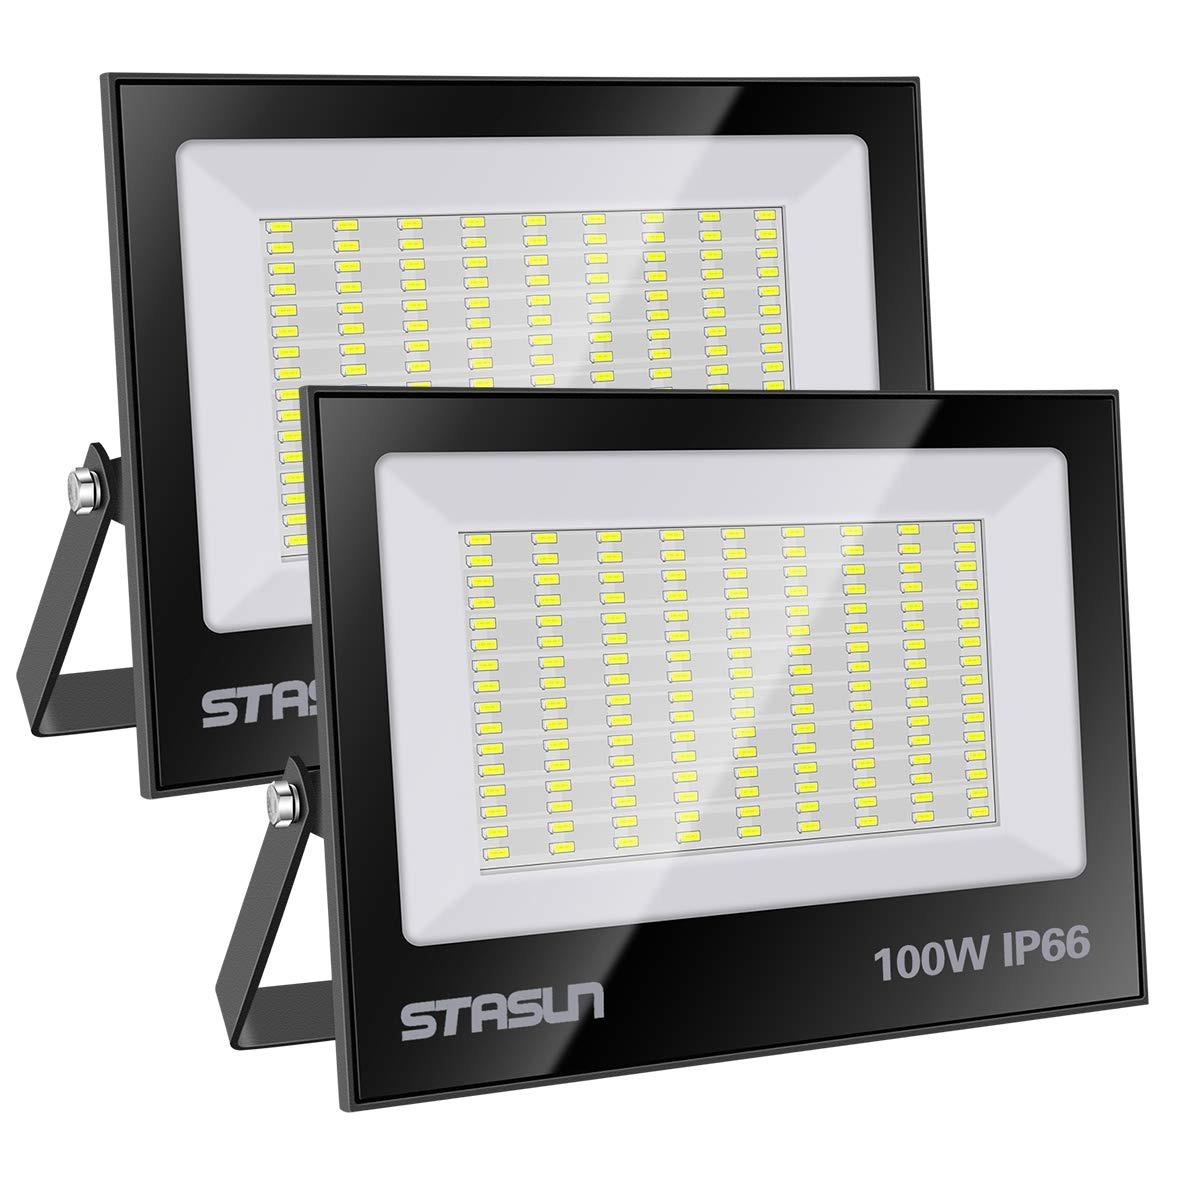 Image of: Led Flood Light Outdoor Stasun 2 Pack 100w Ip66 Waterproof 462 900 En Mercado Libre